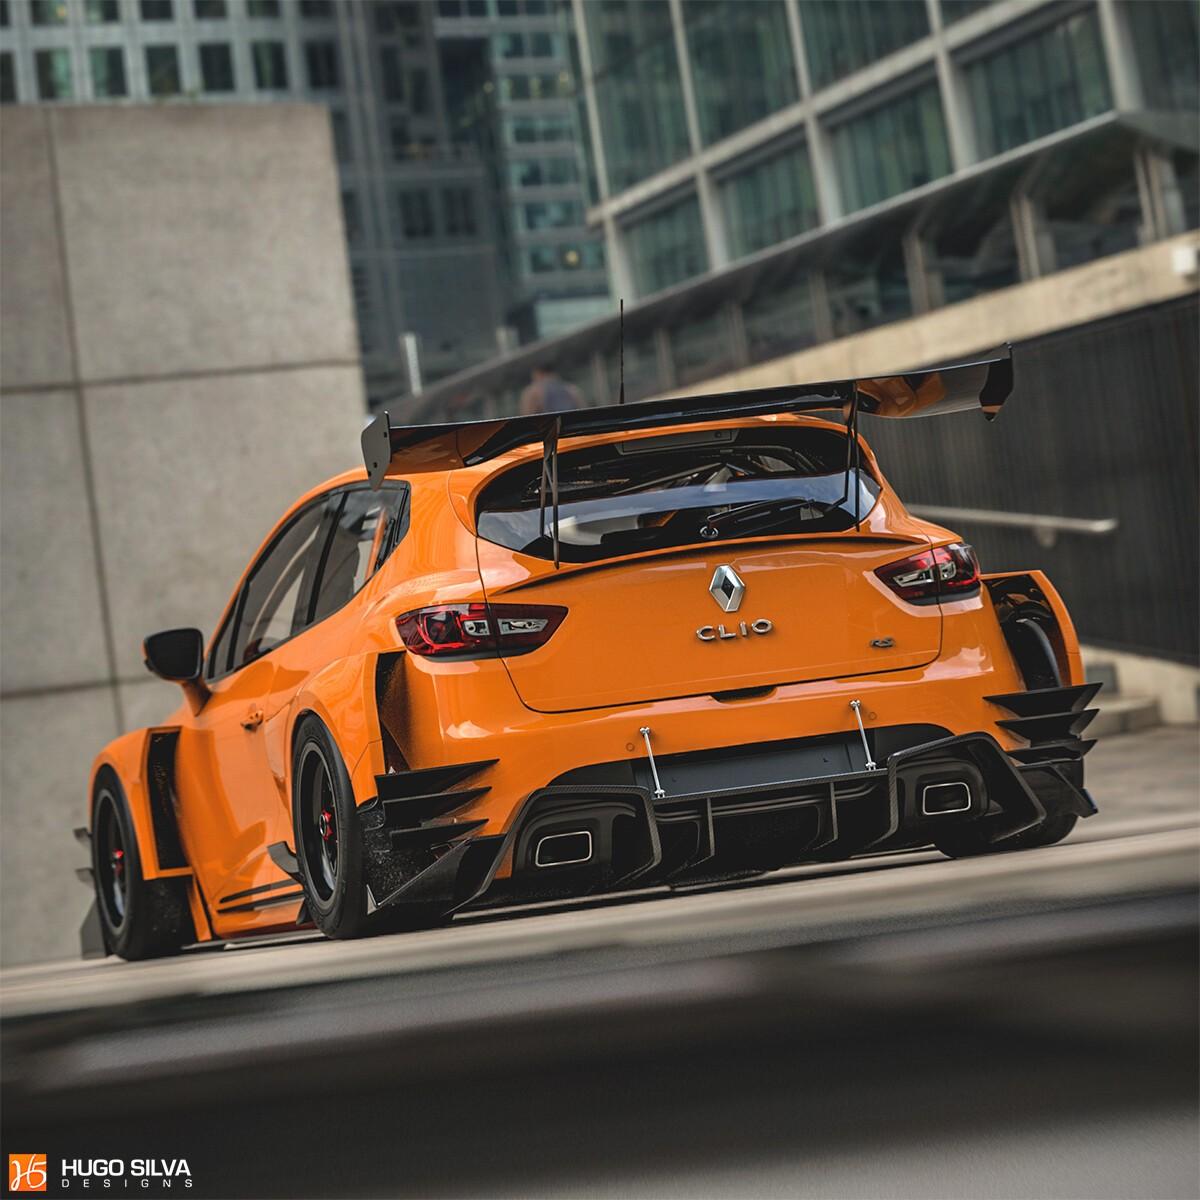 Renault-Clio-RS-wide-bodykit-renderings-1